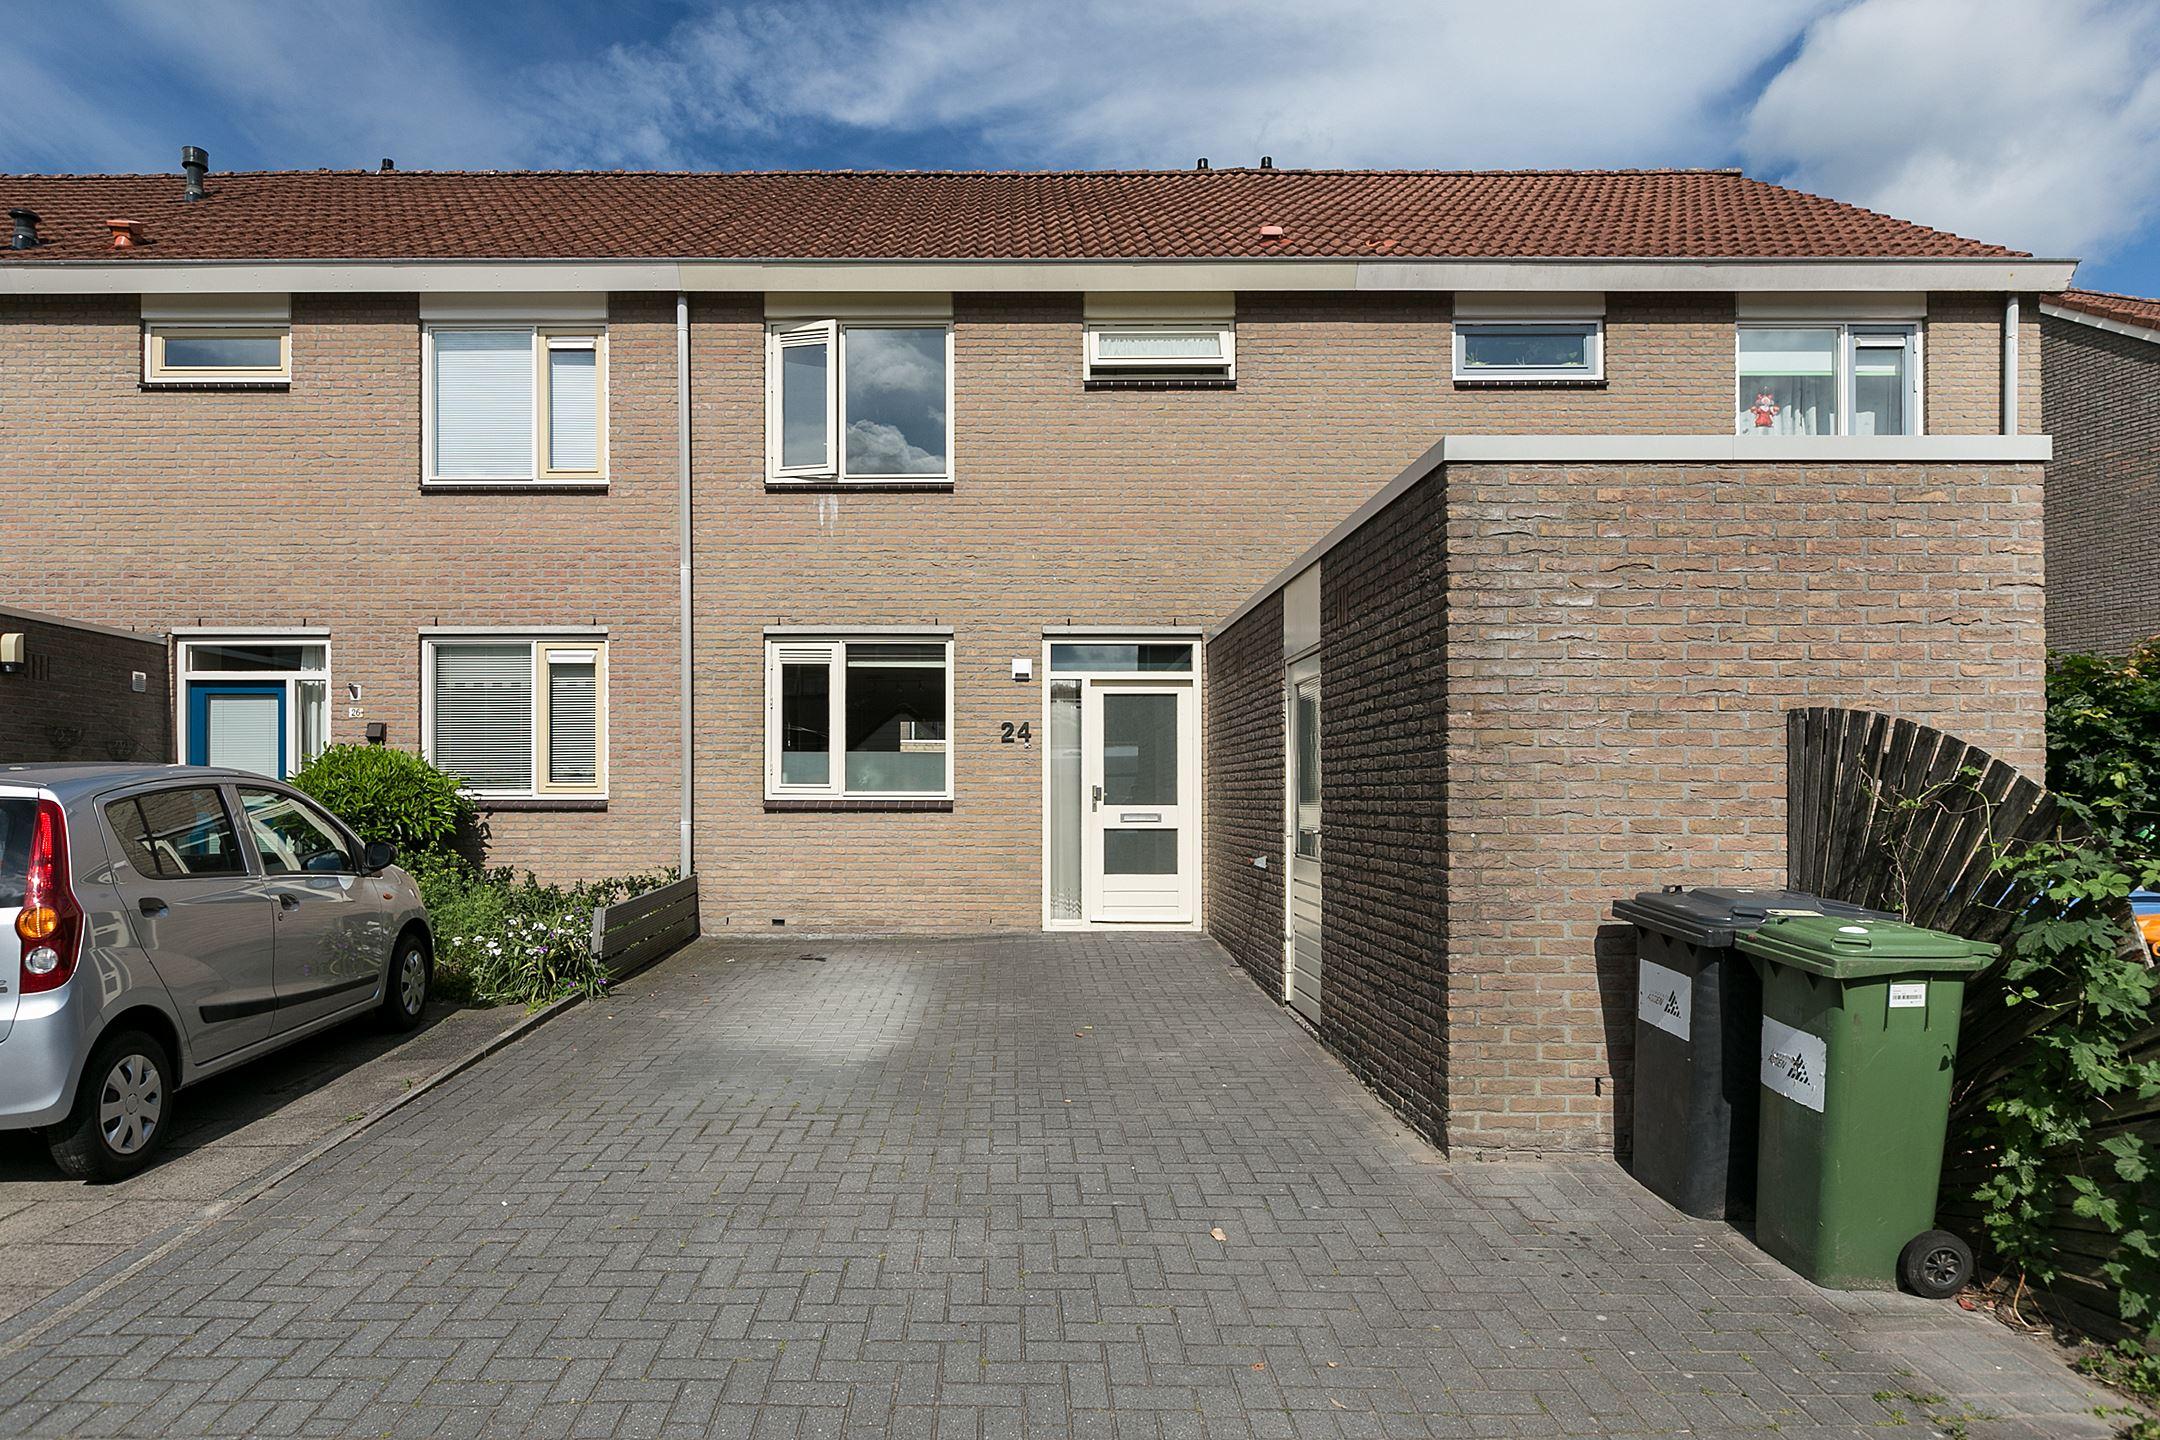 Huis te koop: Hietlanden 24 9407 JG Assen [funda]